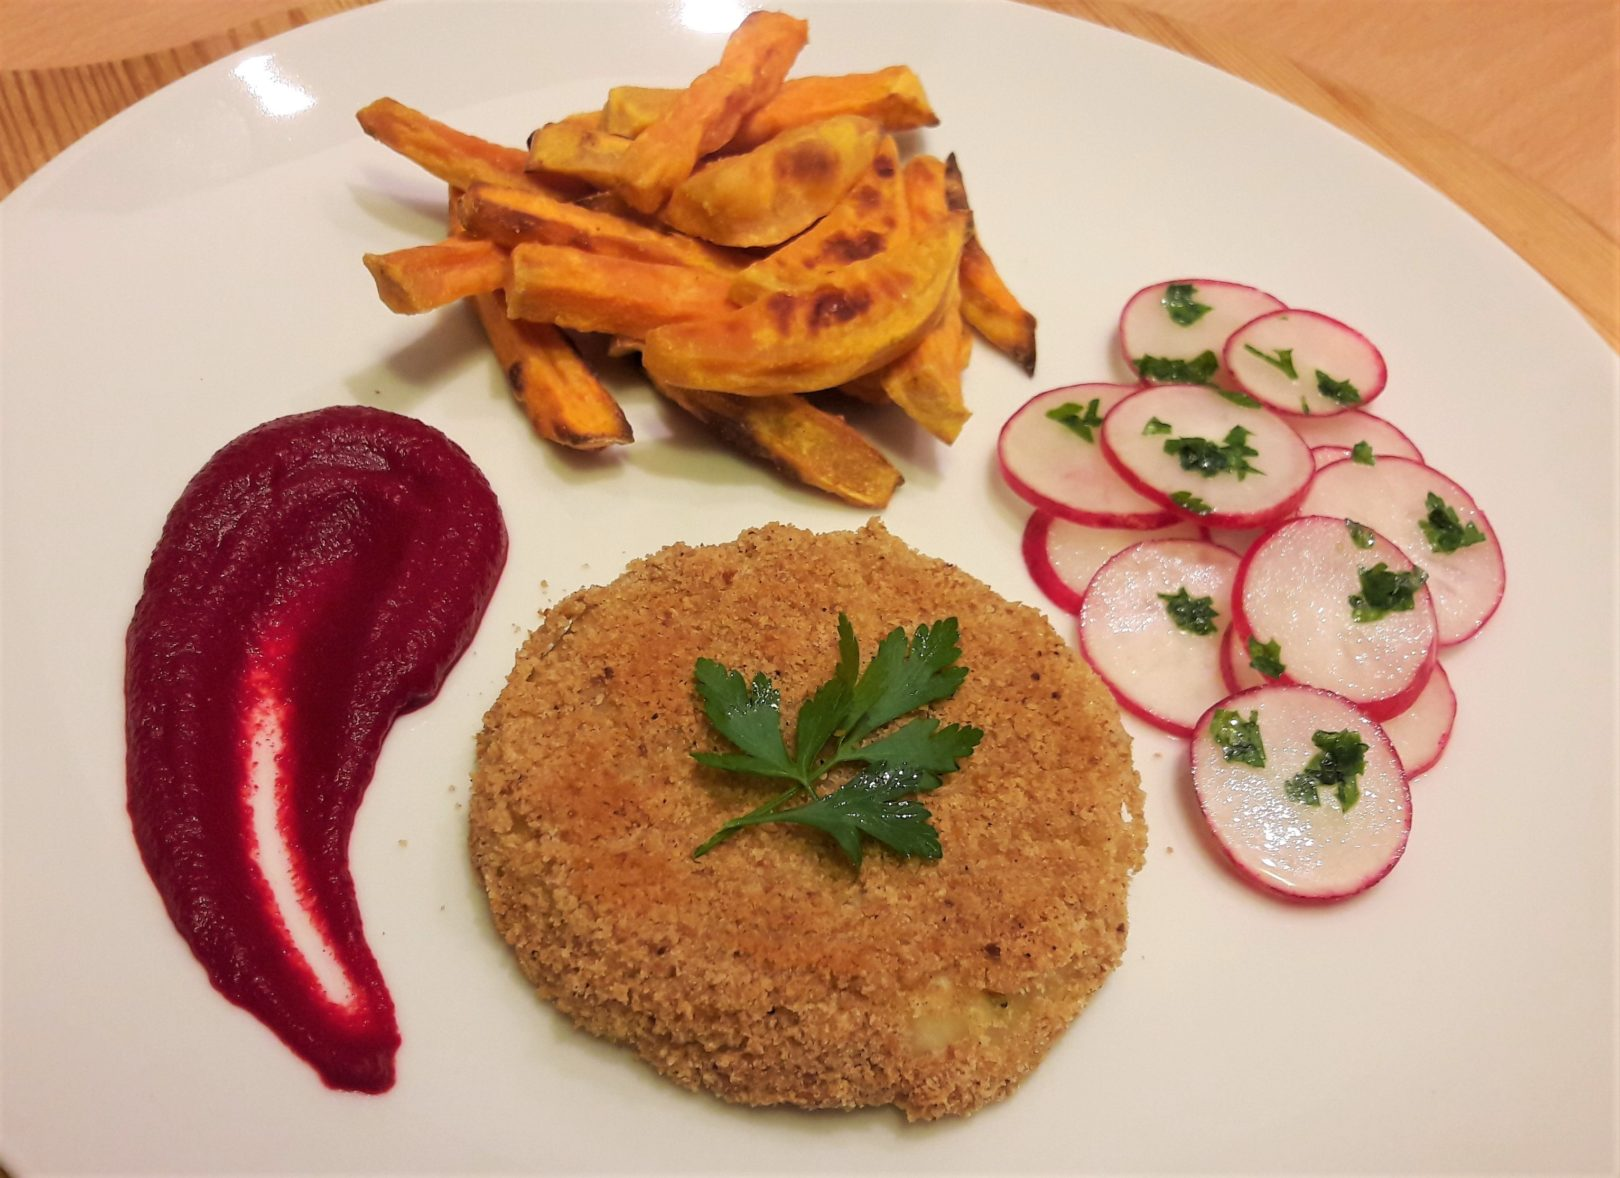 Cotolette di sedano rapa con patatine dolci, salsa di barbabietola allo zenzero e insalata di ravanelli